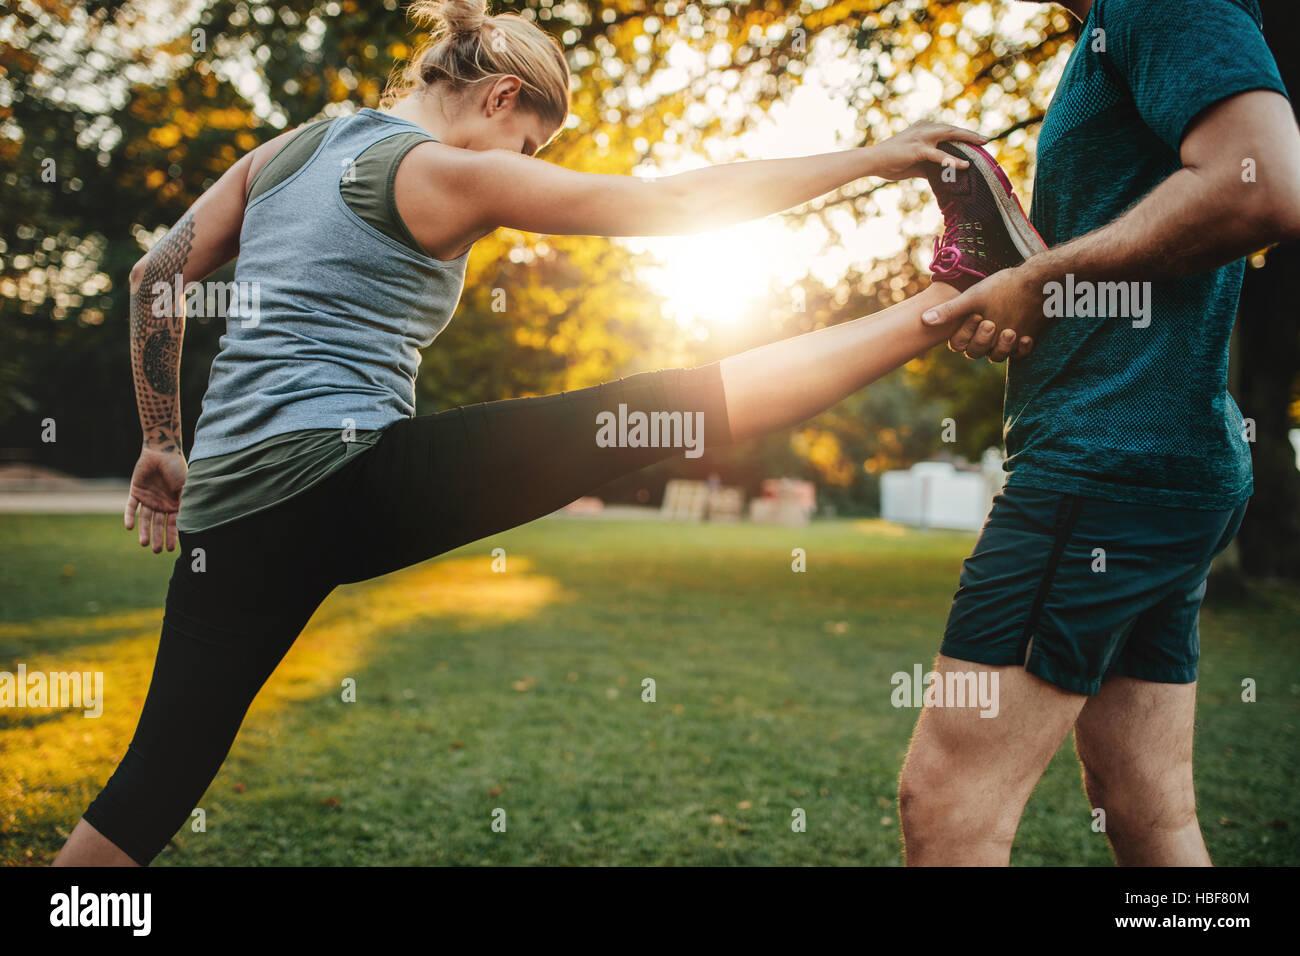 Macho joven entrenador ayudando a ejercitarse en el parque. Formador ayudando a la mujer en ejercicios de estiramiento Imagen De Stock